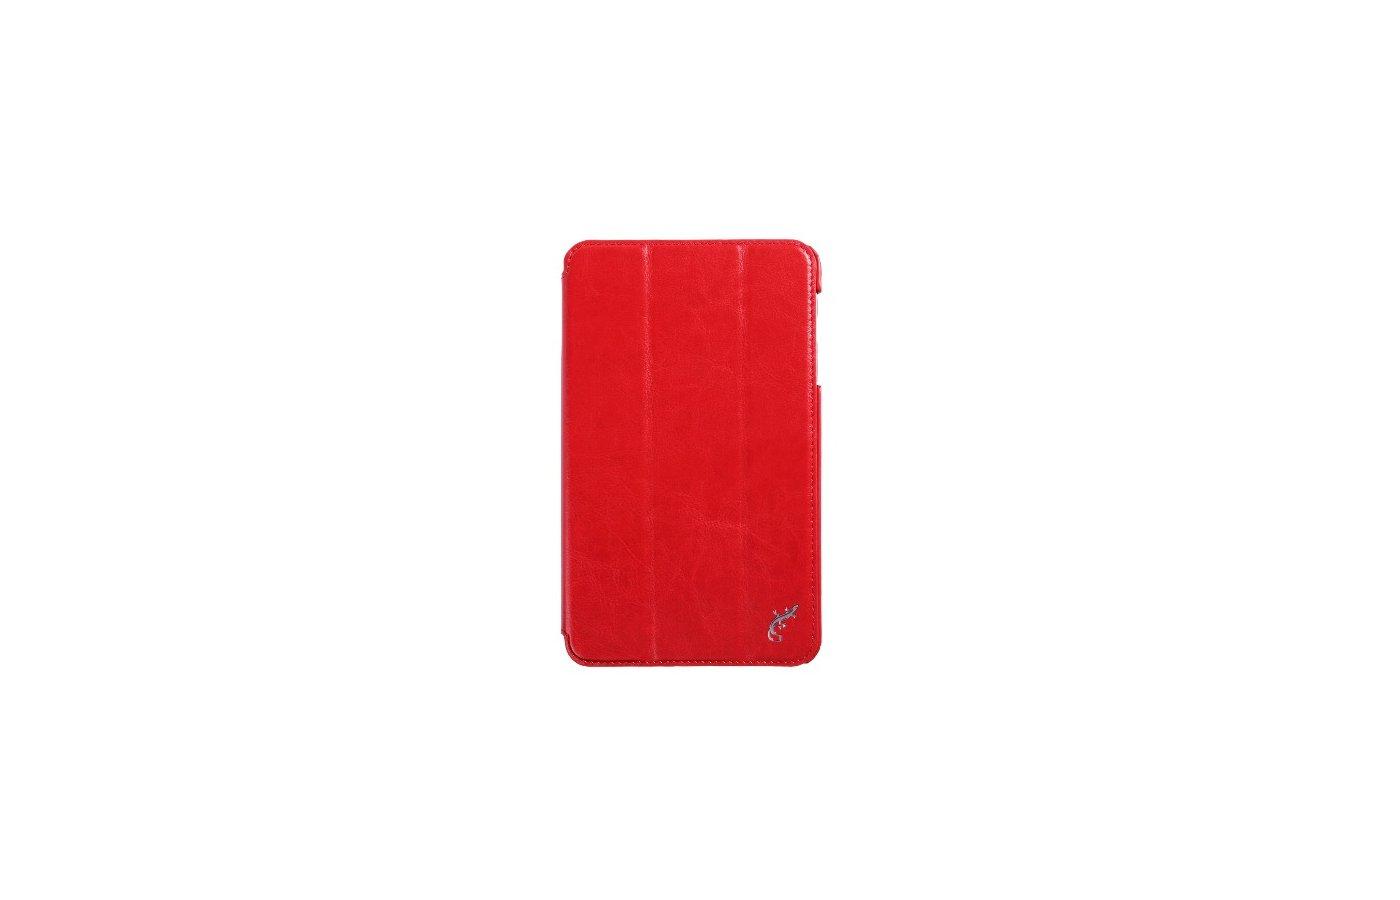 Чехол для планшетного ПК G-Case Slim Premium для Samsung Galaxy Tab 4 8.0 красный